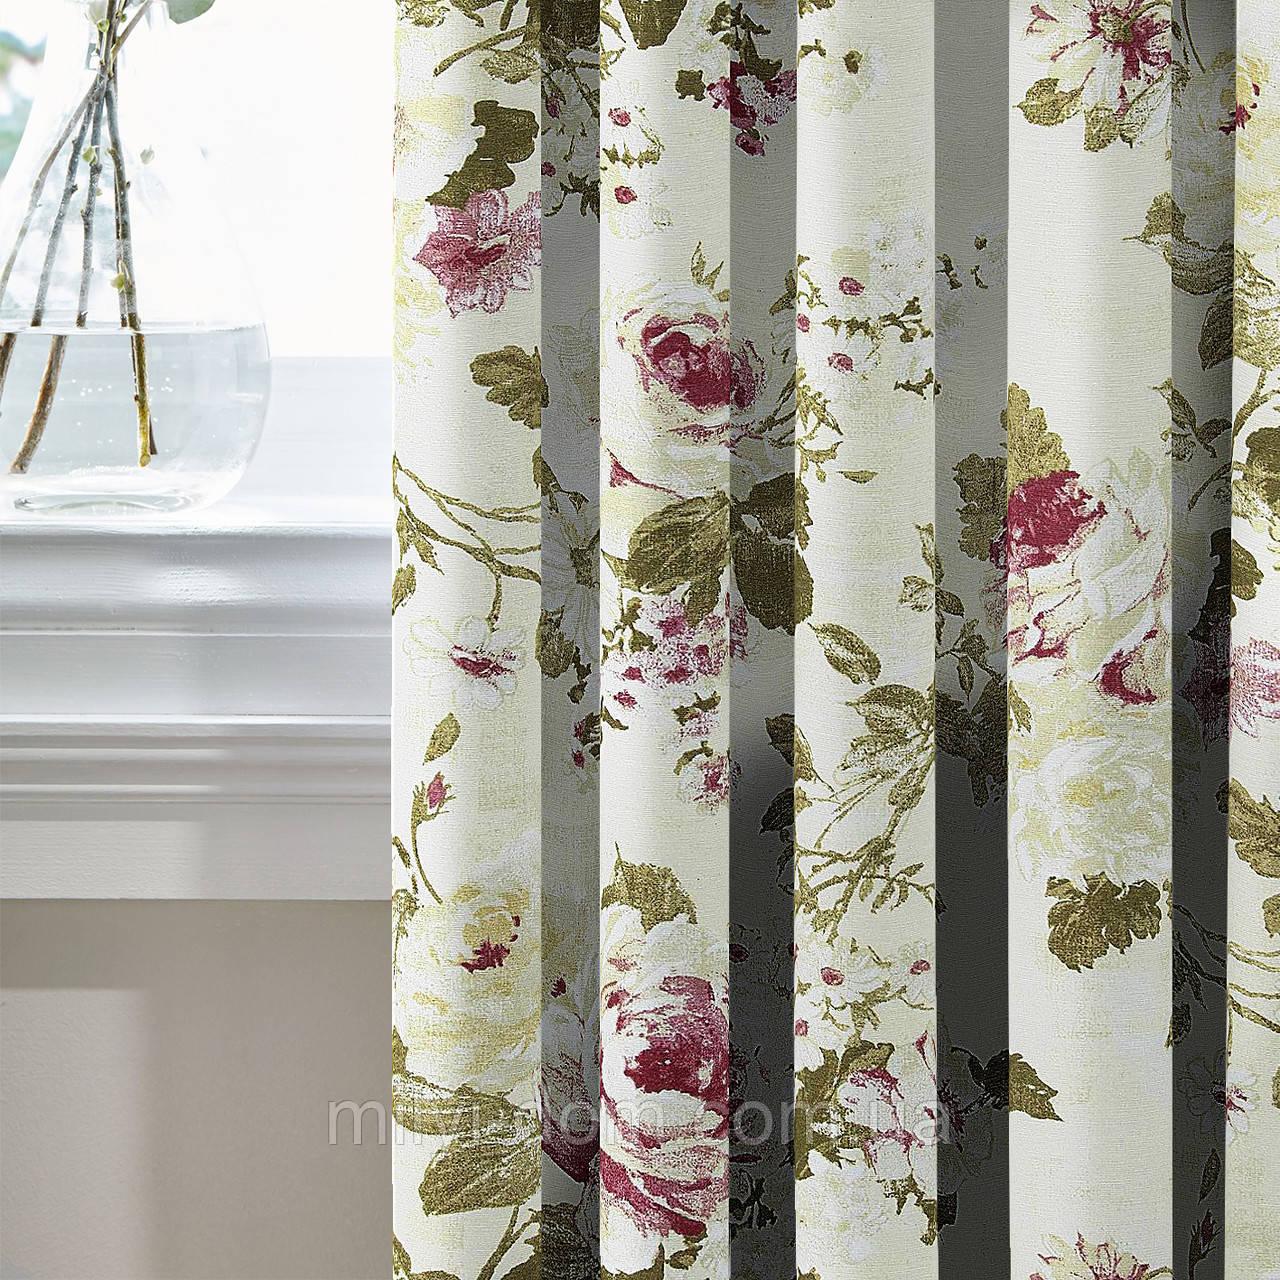 Шторы в стиле Прованс Айрет Крупные цветы Молочный (MG-SHT-140357), 170*135 см (2 шт.)